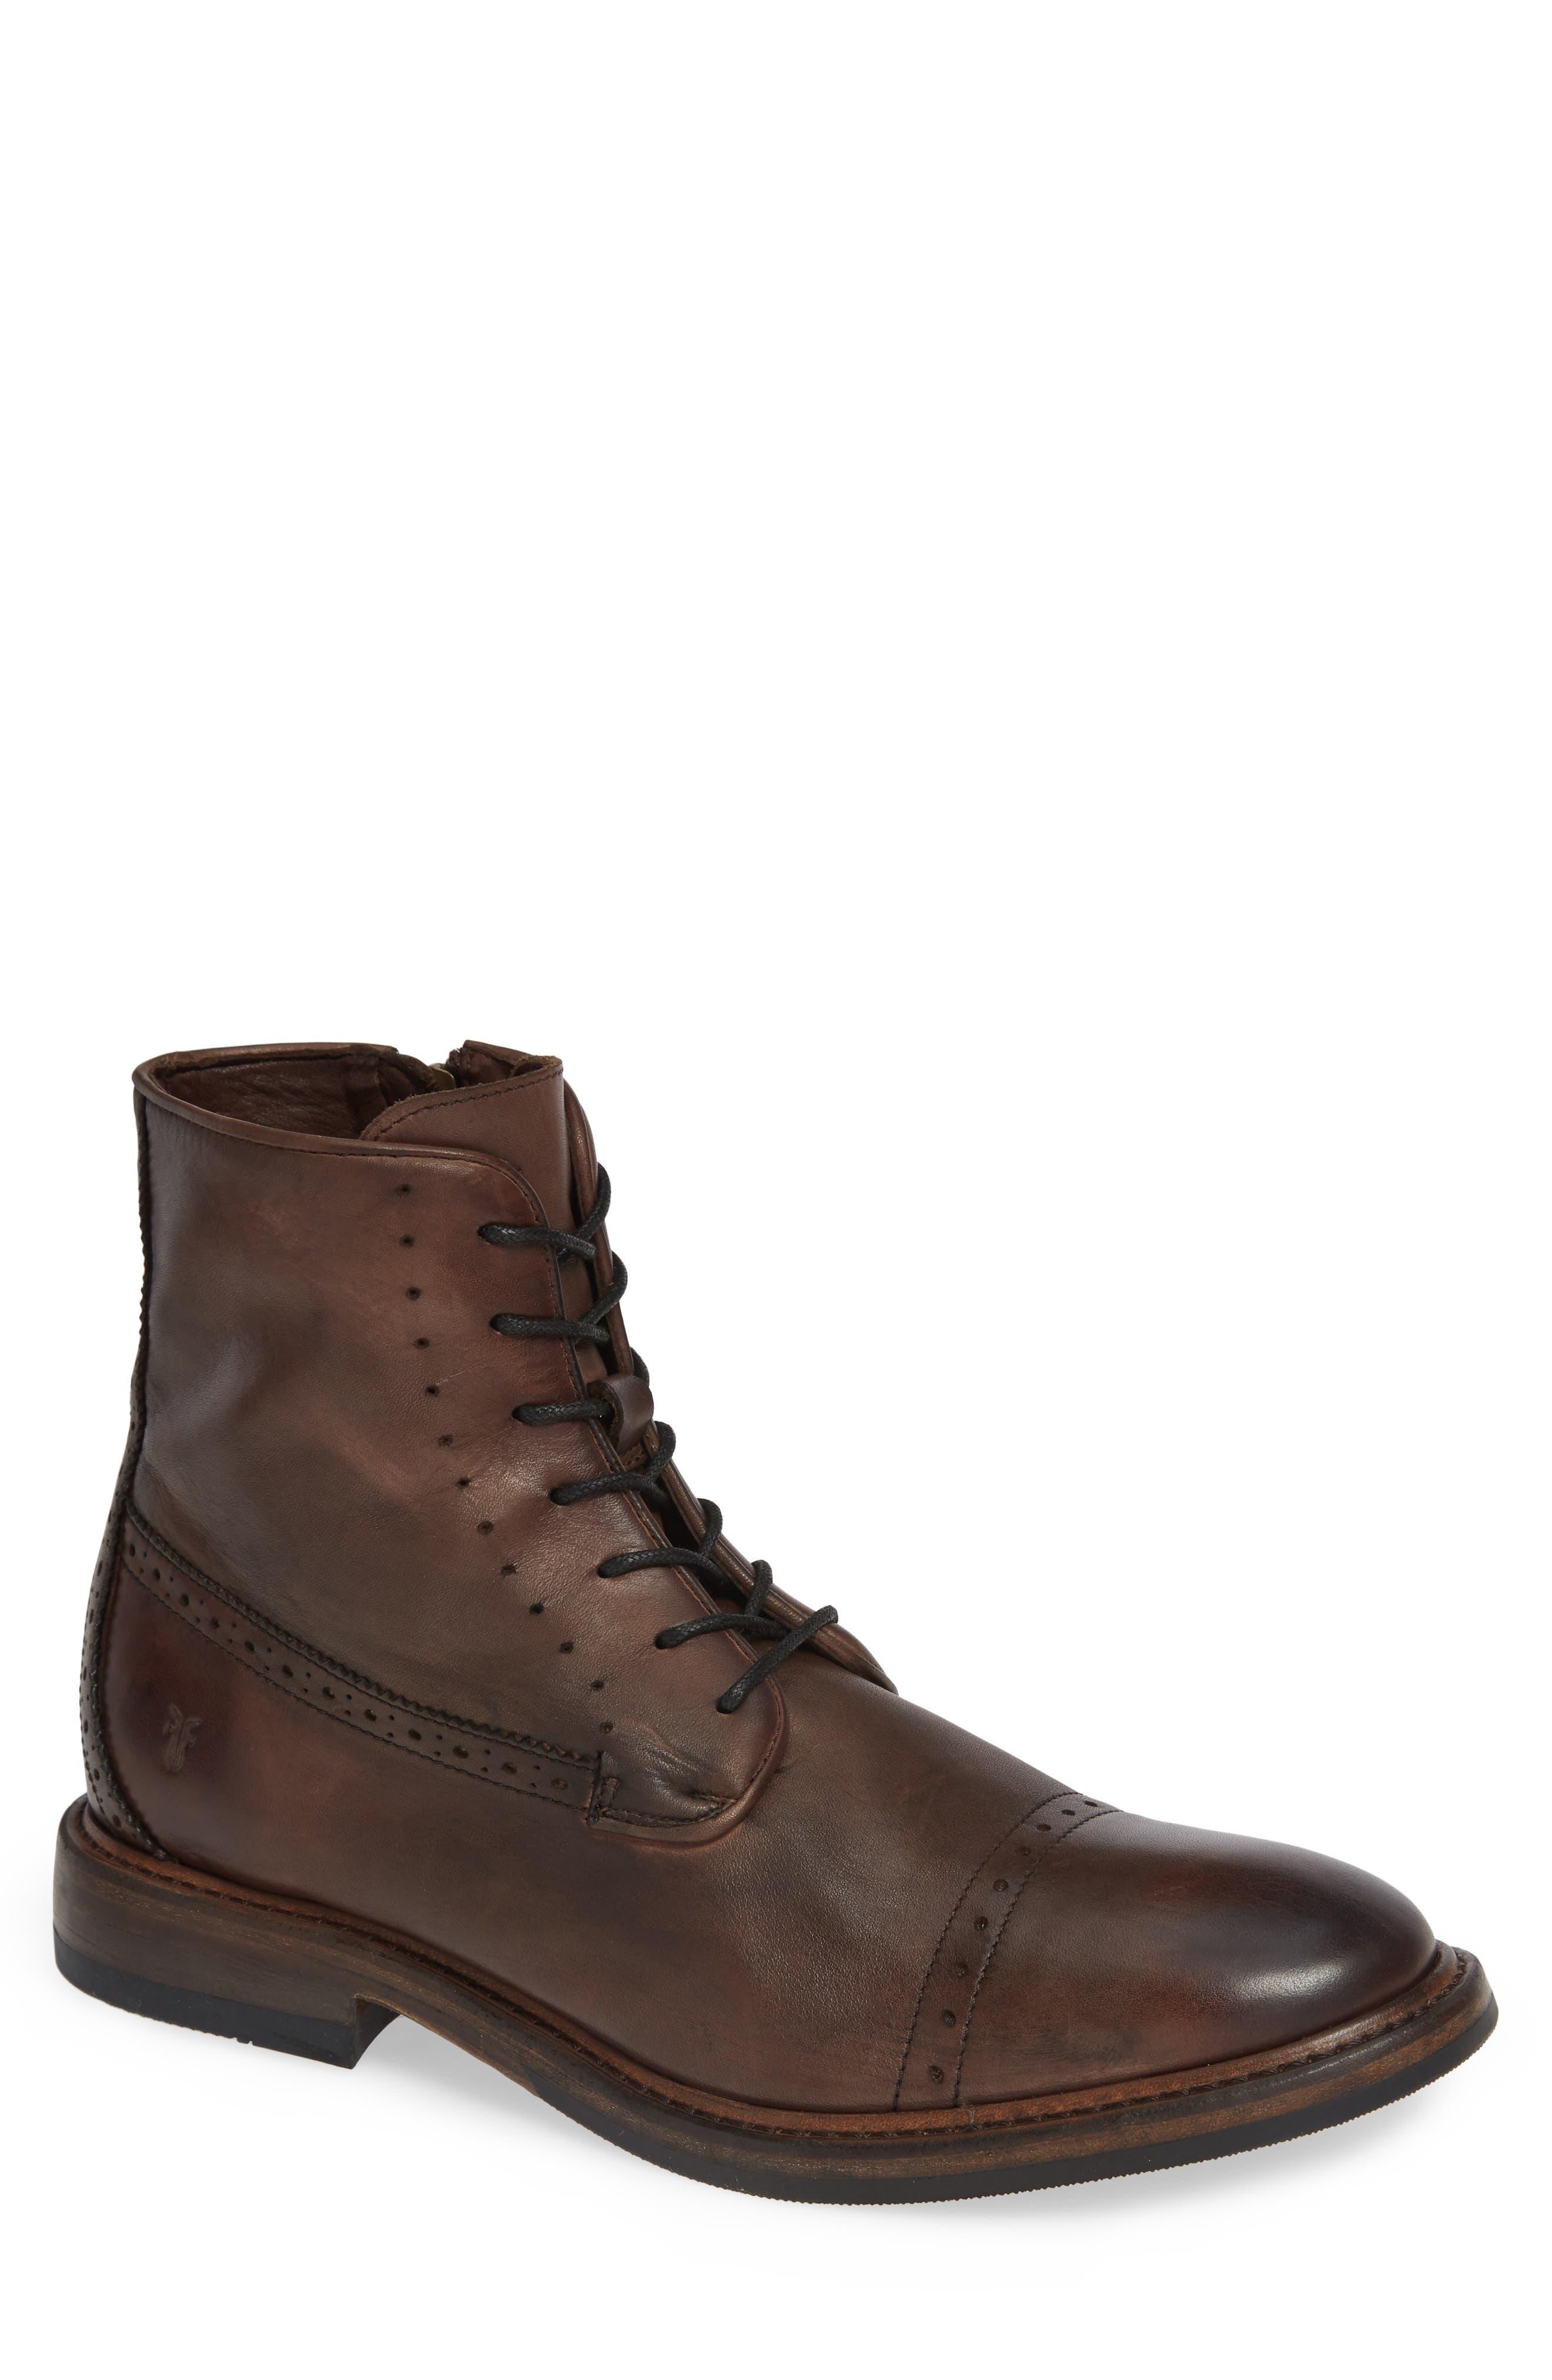 Murray Cap Toe Boot,                             Main thumbnail 1, color,                             BROWN